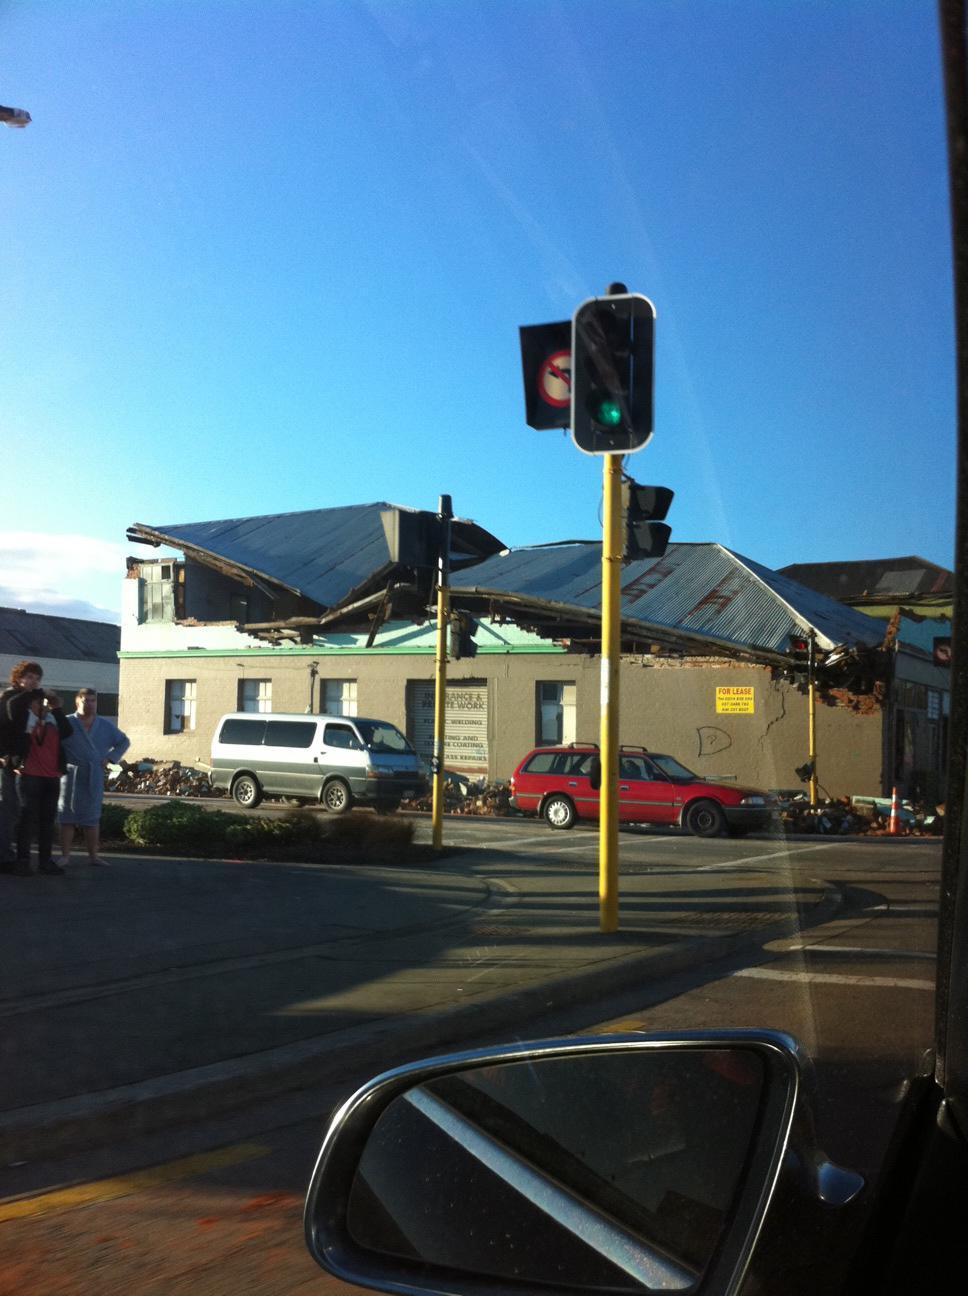 新西兰 基督城/新西兰基督城地震最新照片(组图)